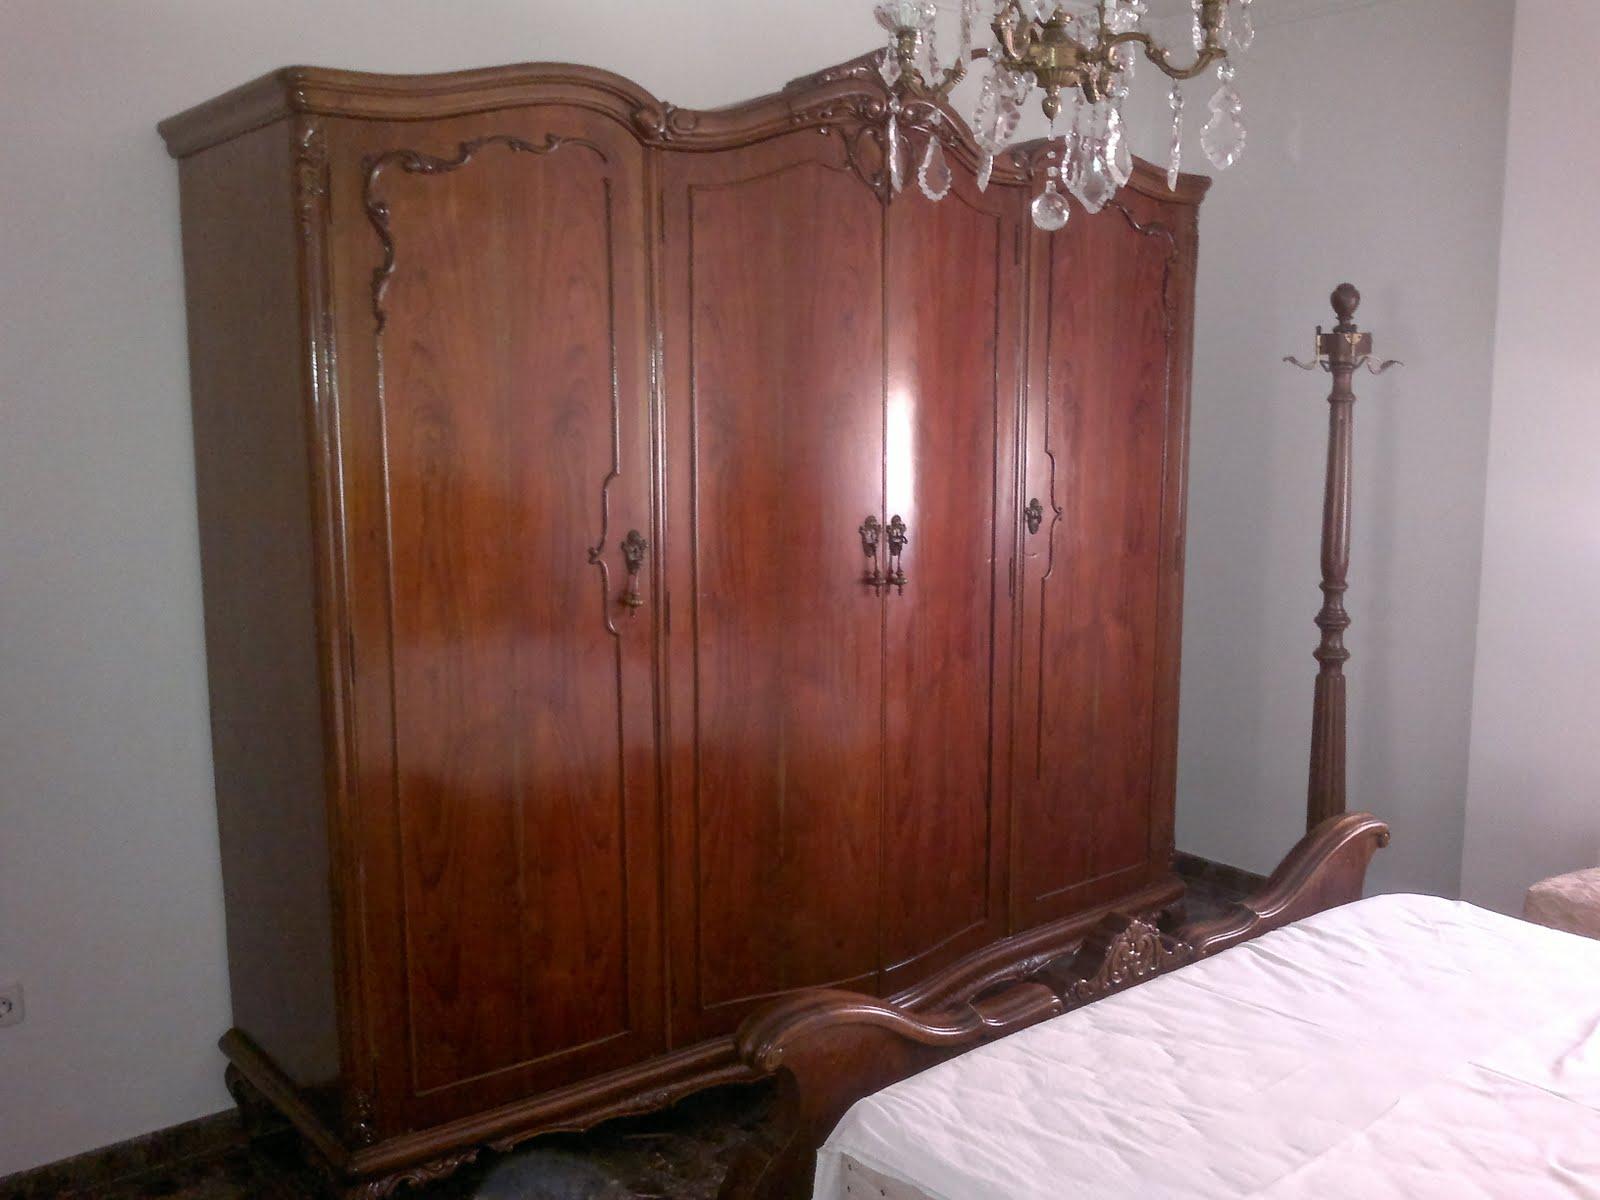 Restauracion muebles compra venta de muebles antiguos - Vendo muebles antiguos para restaurar ...